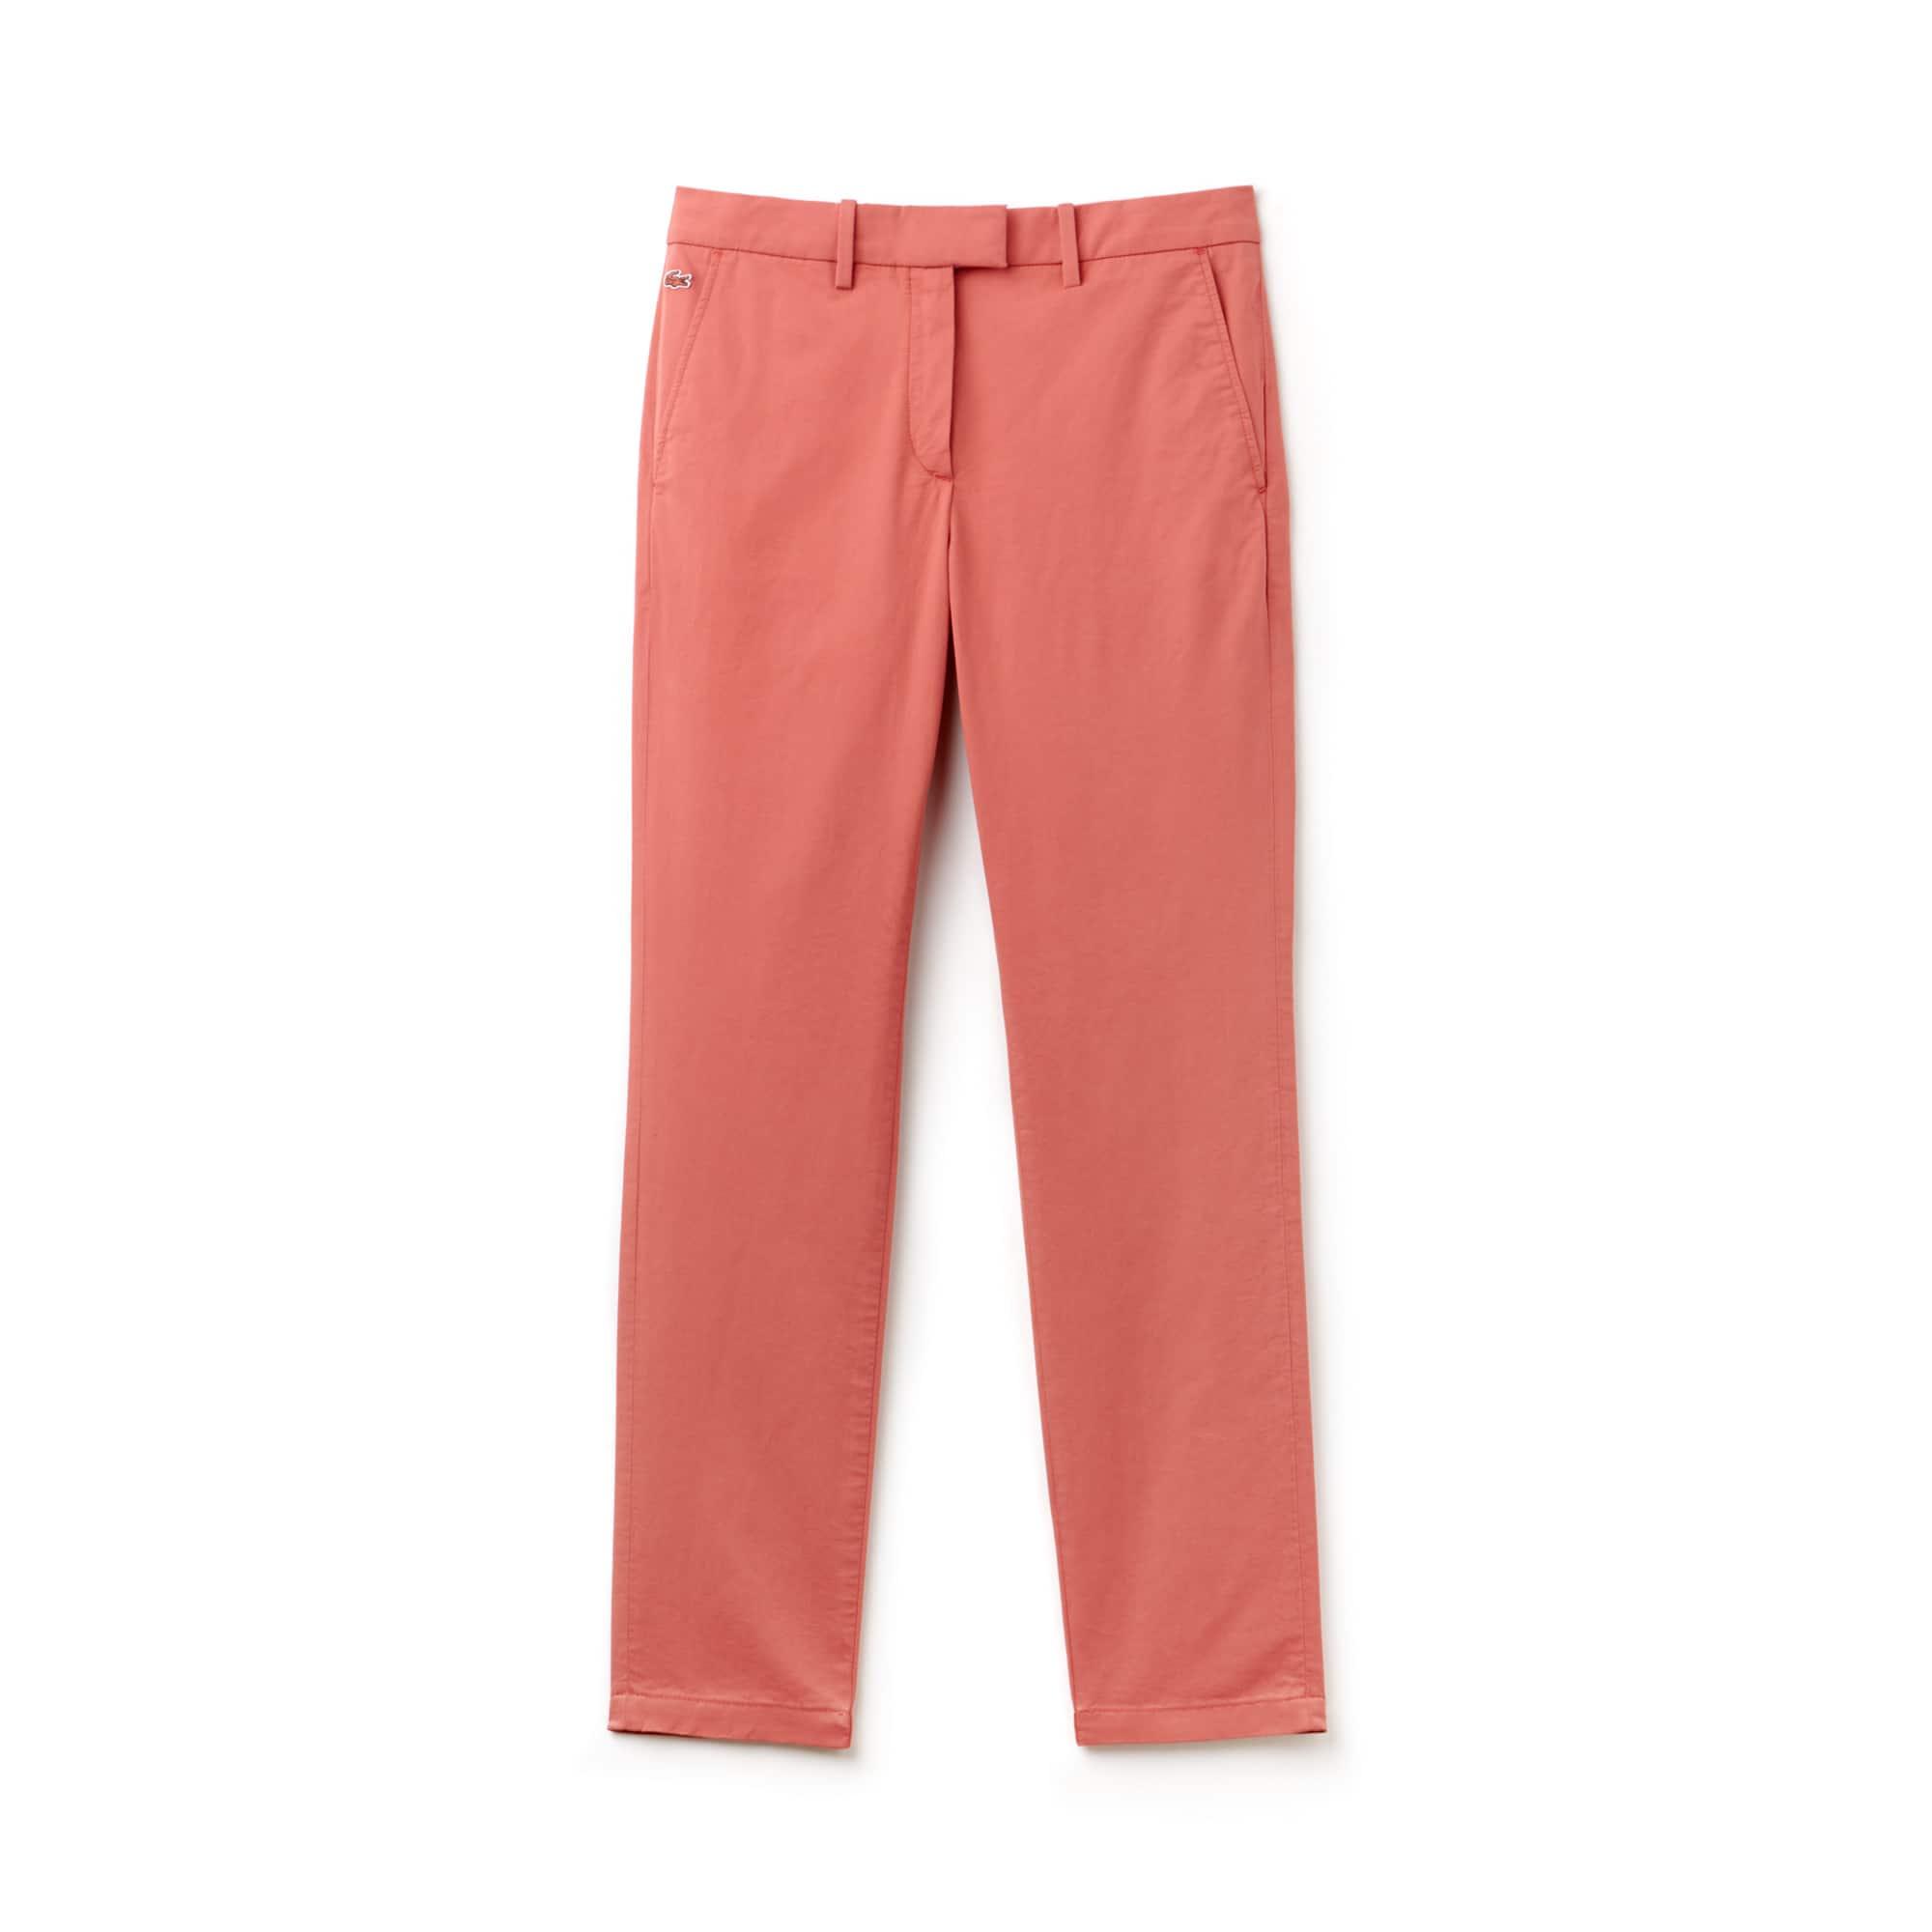 Calças chino com pinças regular fit em gabardina stretch unicolor